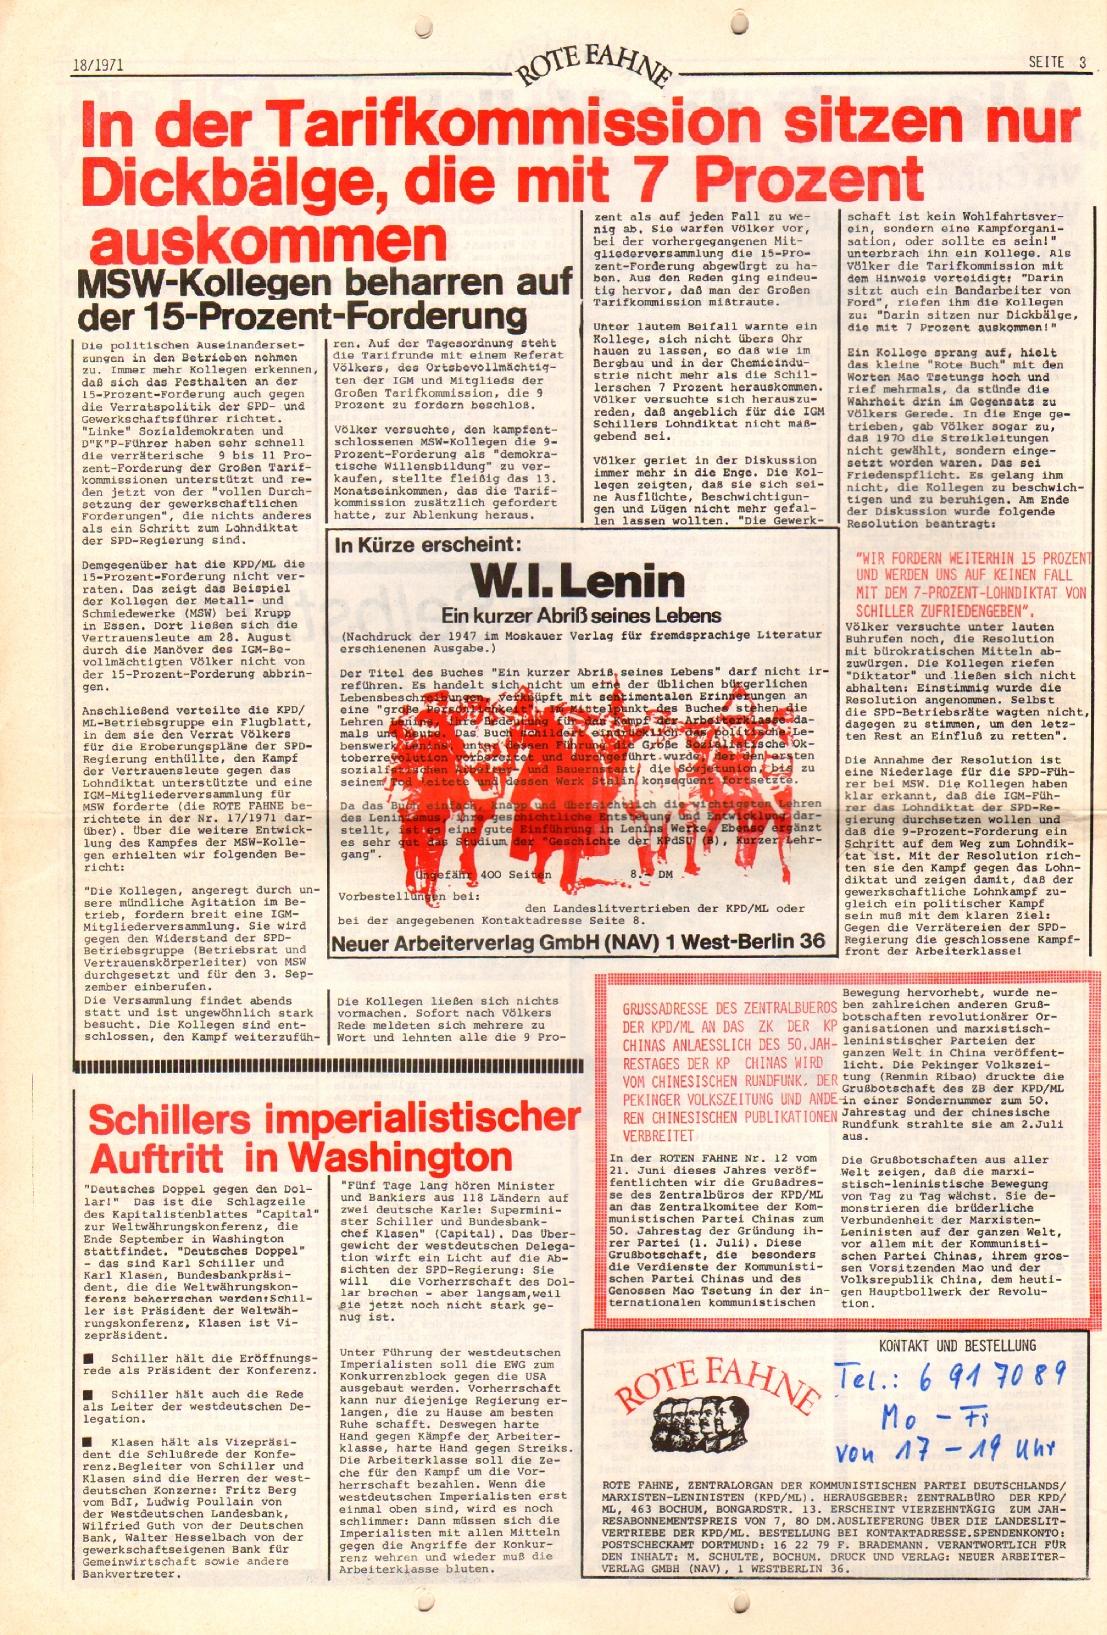 Rote Fahne, 2. Jg., 13.9.1971, Nr. 18, Seite 8